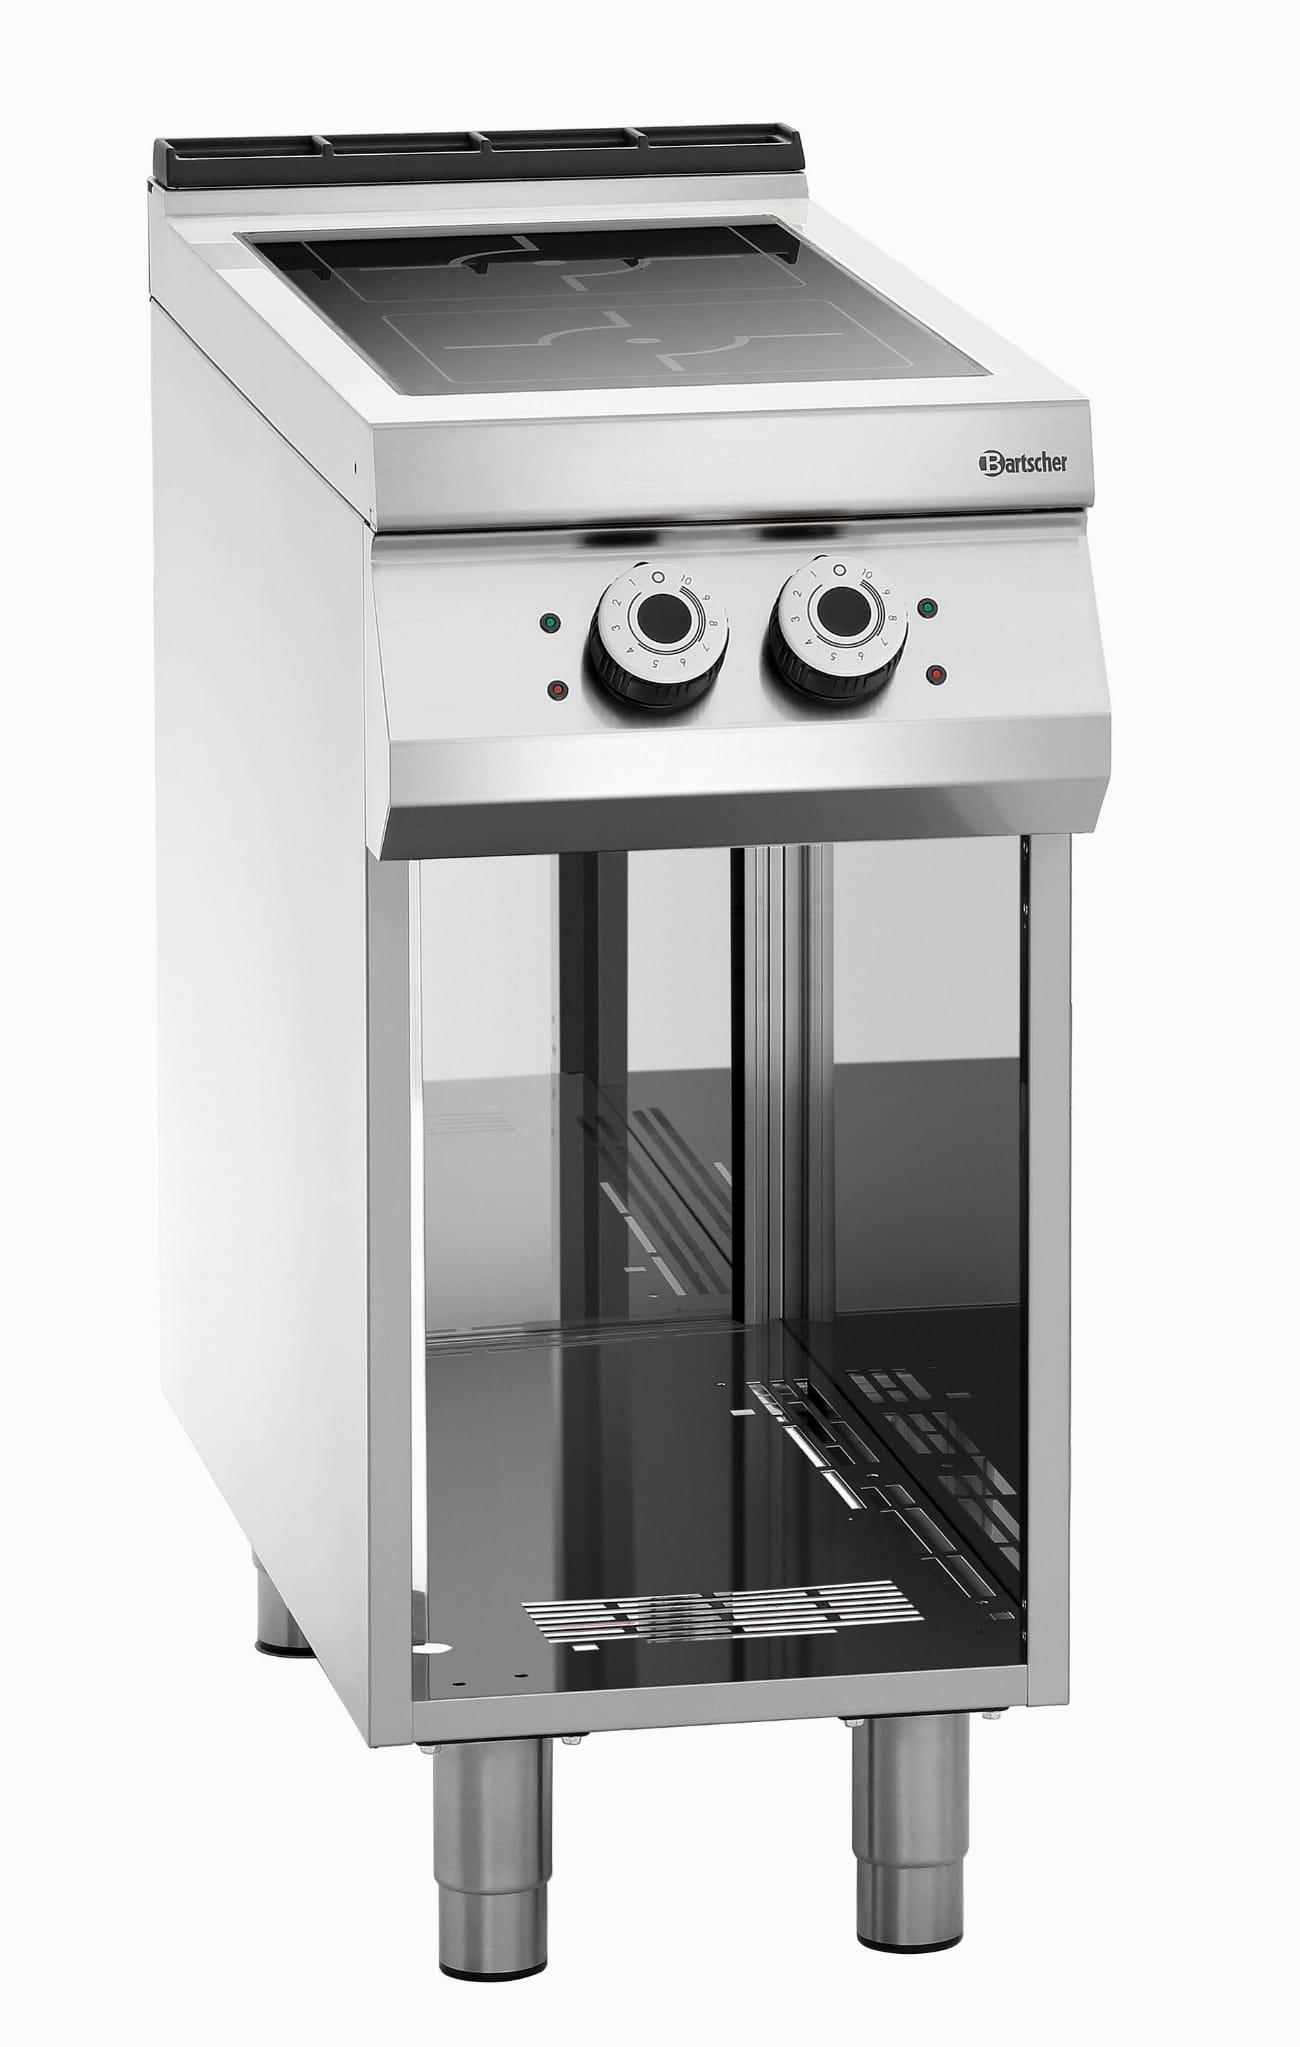 Kuchnia Indukcyjna Podstawa Otwarta 2 Palniki 2x5 Kw 400v